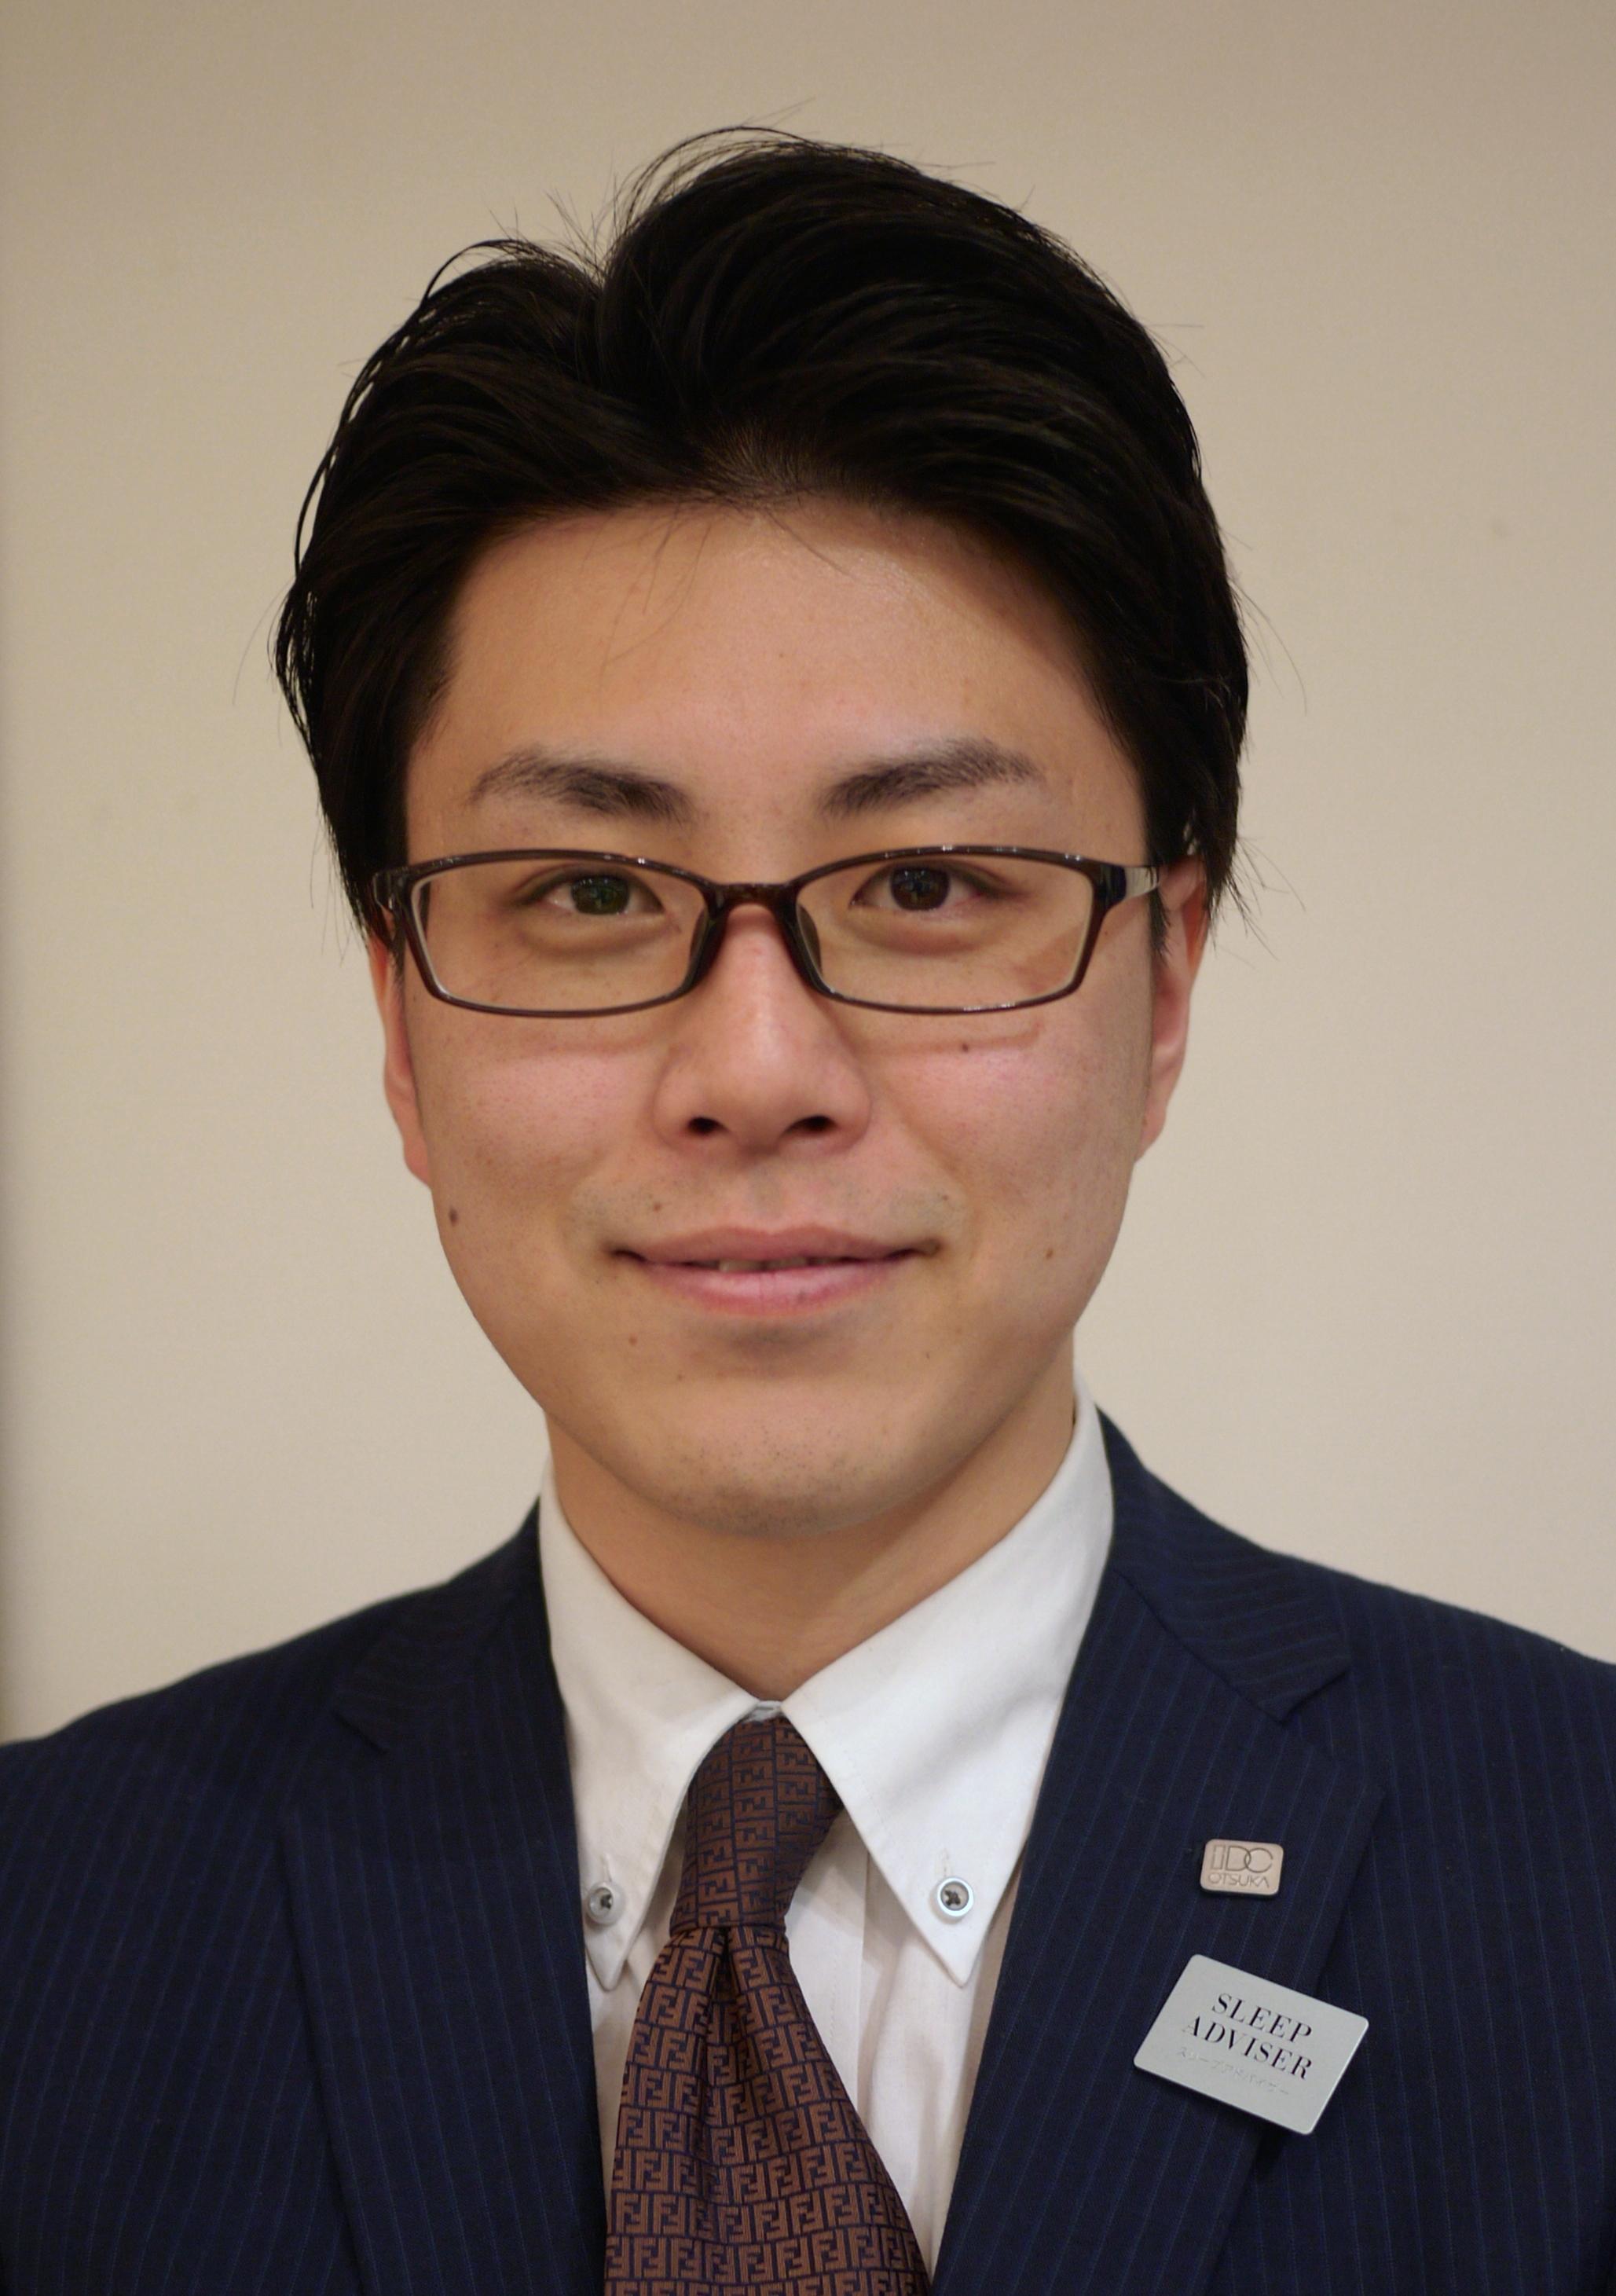 藤井 孝弥(ふじい たかや)